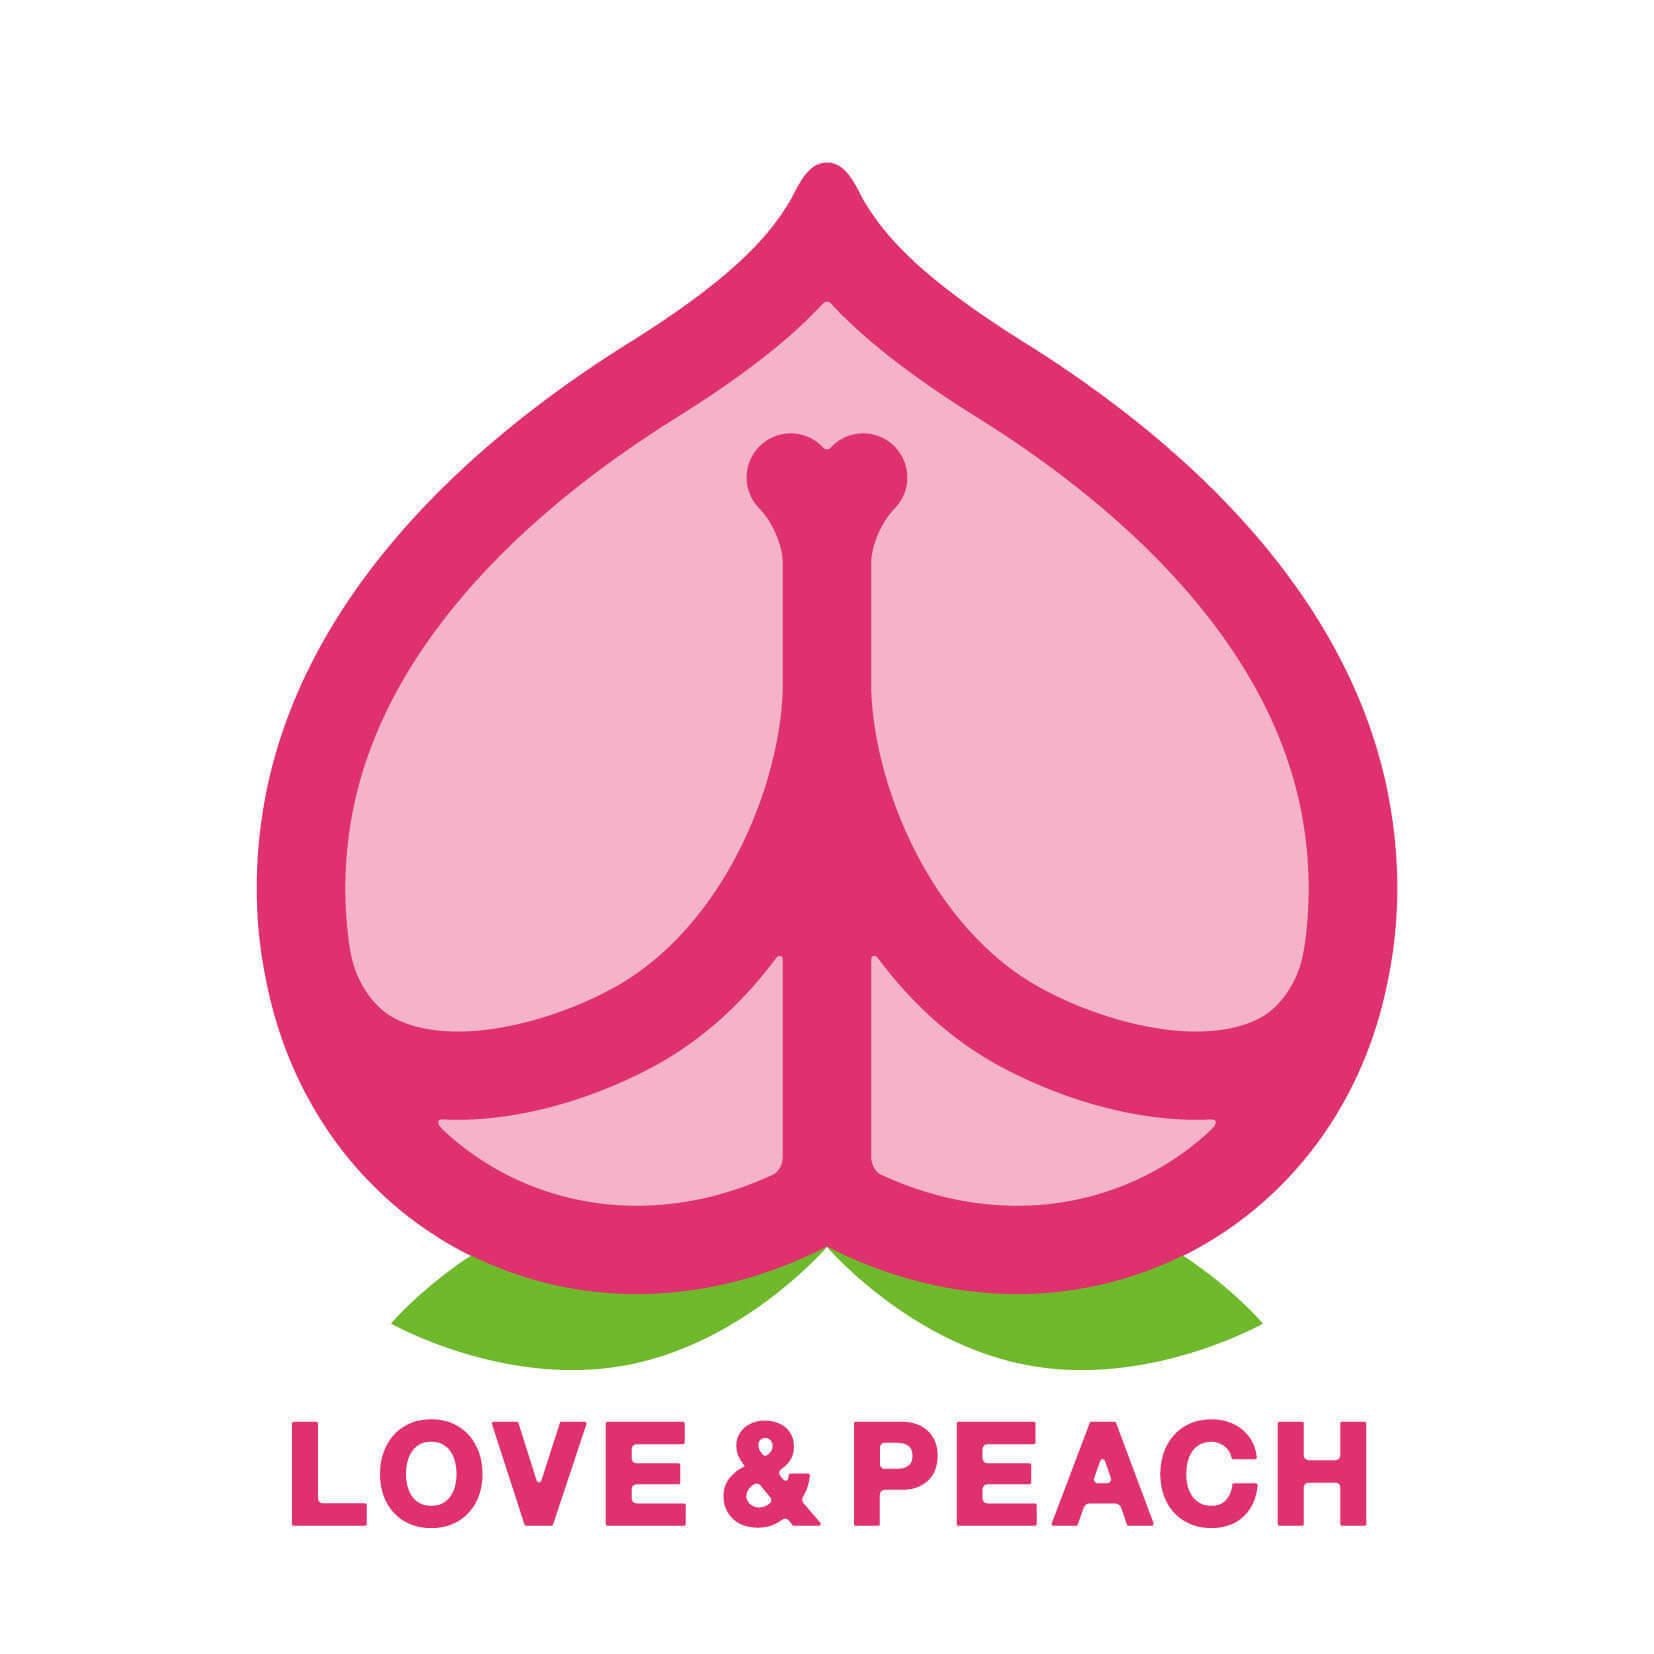 LOVE & PEACH